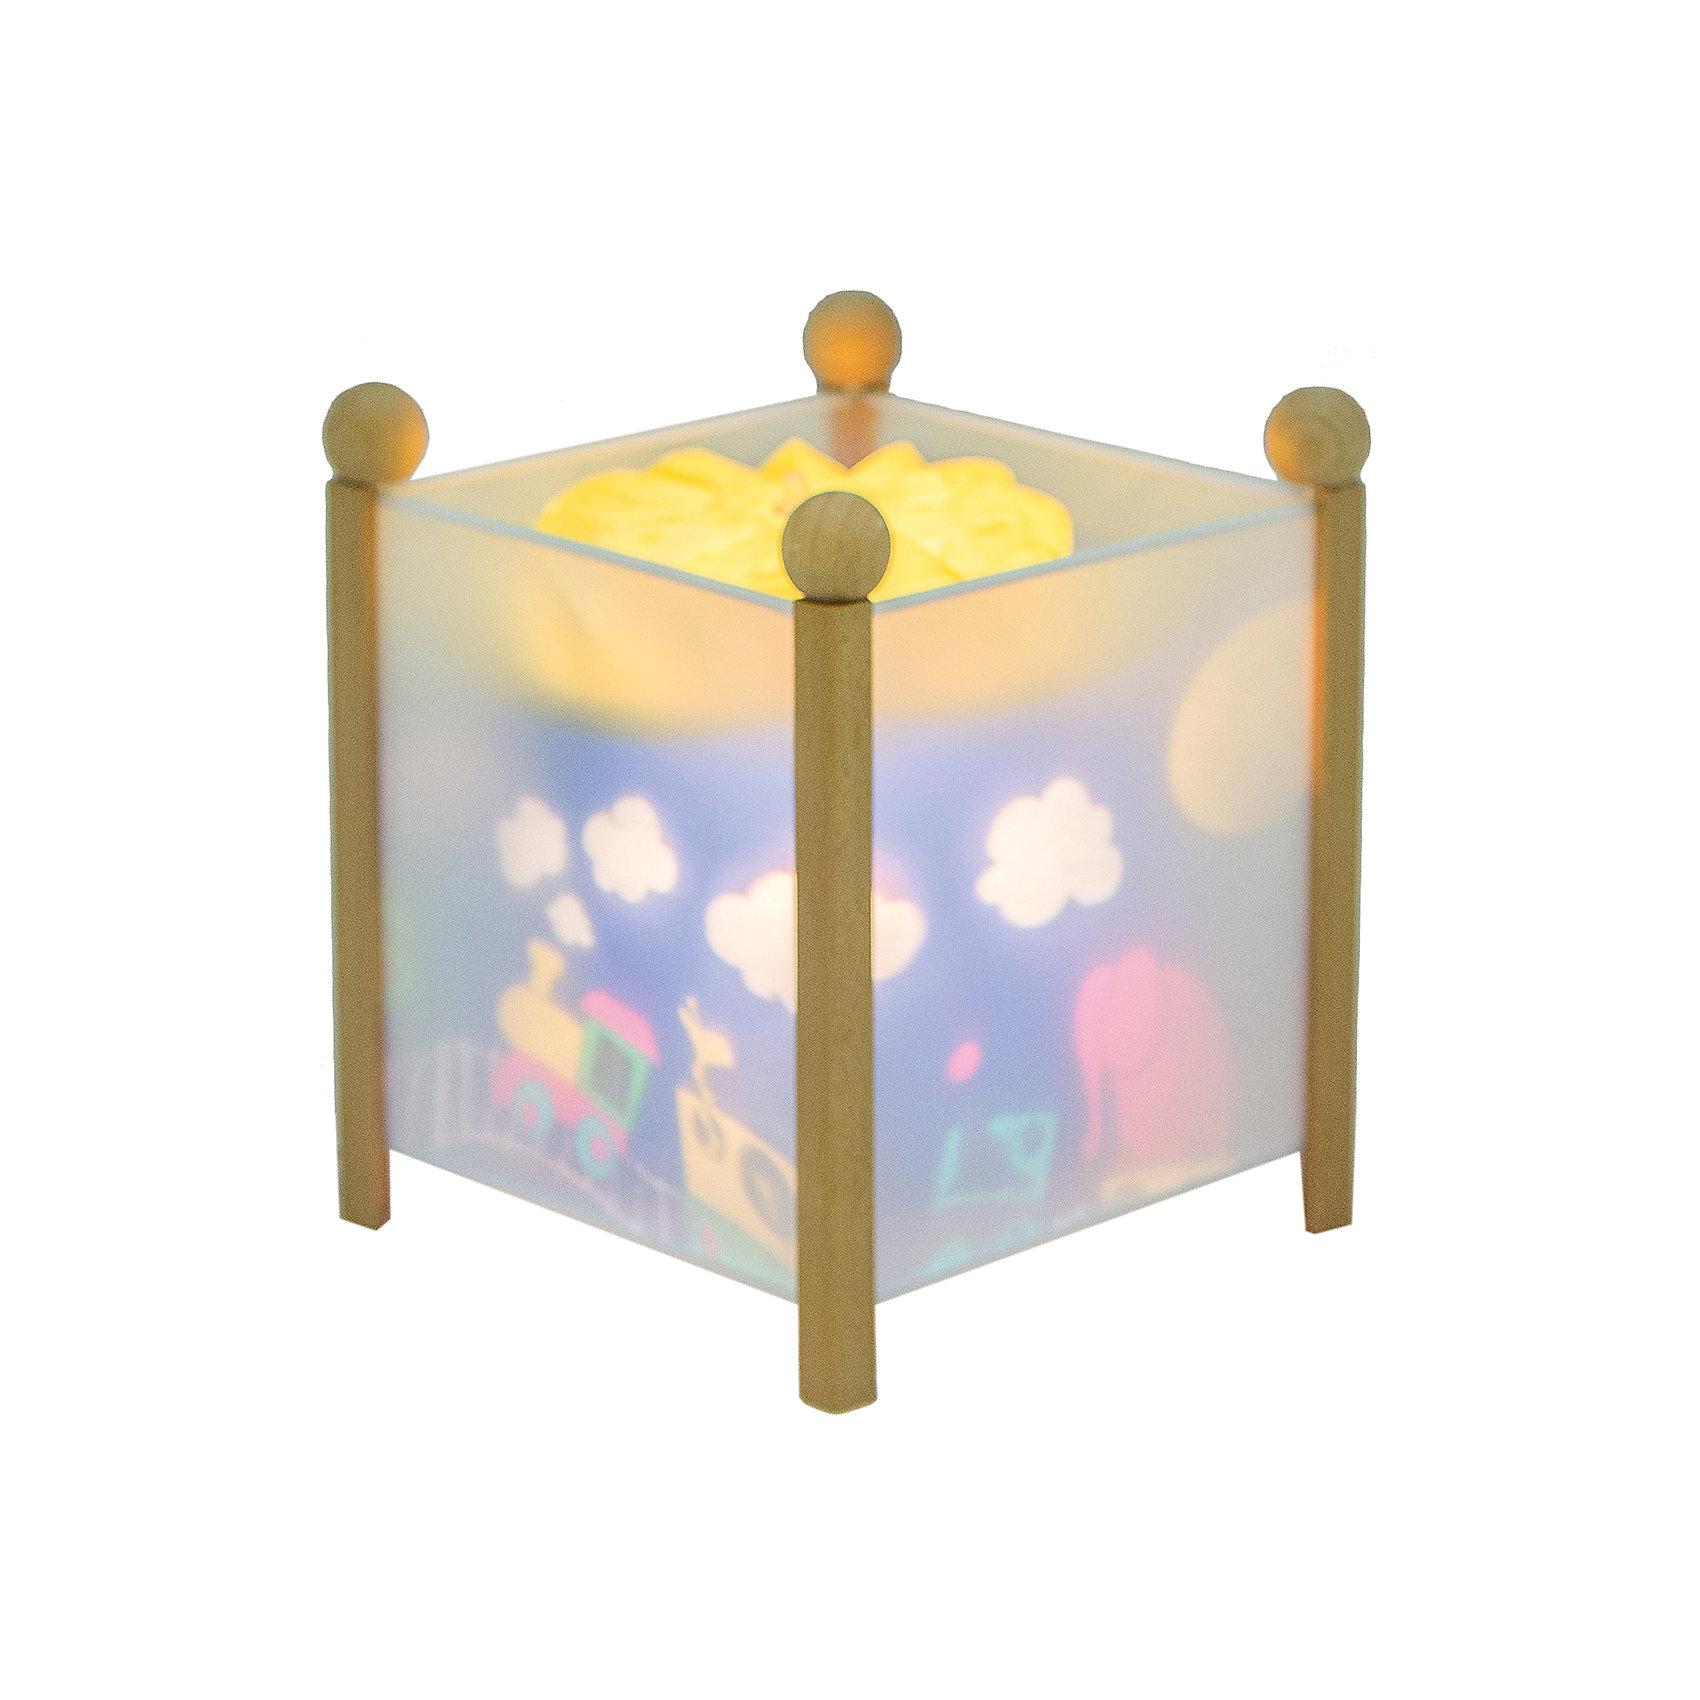 Светильник-ночник Паровозик, 12V, TrousselierЛампы, ночники, фонарики<br>Светильник-ночник Паровозик, 12V, Trousselier сделан в виде симпатичной игрушки, которая делает приятным и уютным погружение в сладкий мир сновидений.<br><br>Он светится нежным мягким светом, не раздражающим глазки даже ночью. Внутрь светильника встроен специальный механизм, вращающий цилиндр ночника от тепла лампочки. Ночник упакован в праздничную коробку, что дает возможность преподнести его в качестве подарка на праздник.<br><br>Дополнительная информация:<br><br>- Цилиндр ночника вращается благодаря  системе нагрева от лампочки 12 V 20 W, розетка E 14.C. <br>- Размер: 16,50 см x 19 см. <br>- Материал: металлический корпус, деревянные ножки и углы, пластиковый, жароустойчивый цилиндр.<br>- Вес: 1037 г<br>- Поставляется в подарочной упаковке.<br>Соответствует нормам безопасности: CE EN 60598-2-10<br><br>Светильник-ночник Паровозик, 12V, Trousselier можно купить в нашем магазине.<br><br>Ширина мм: 160<br>Глубина мм: 160<br>Высота мм: 190<br>Вес г: 1037<br>Возраст от месяцев: 36<br>Возраст до месяцев: 144<br>Пол: Мужской<br>Возраст: Детский<br>SKU: 3807745